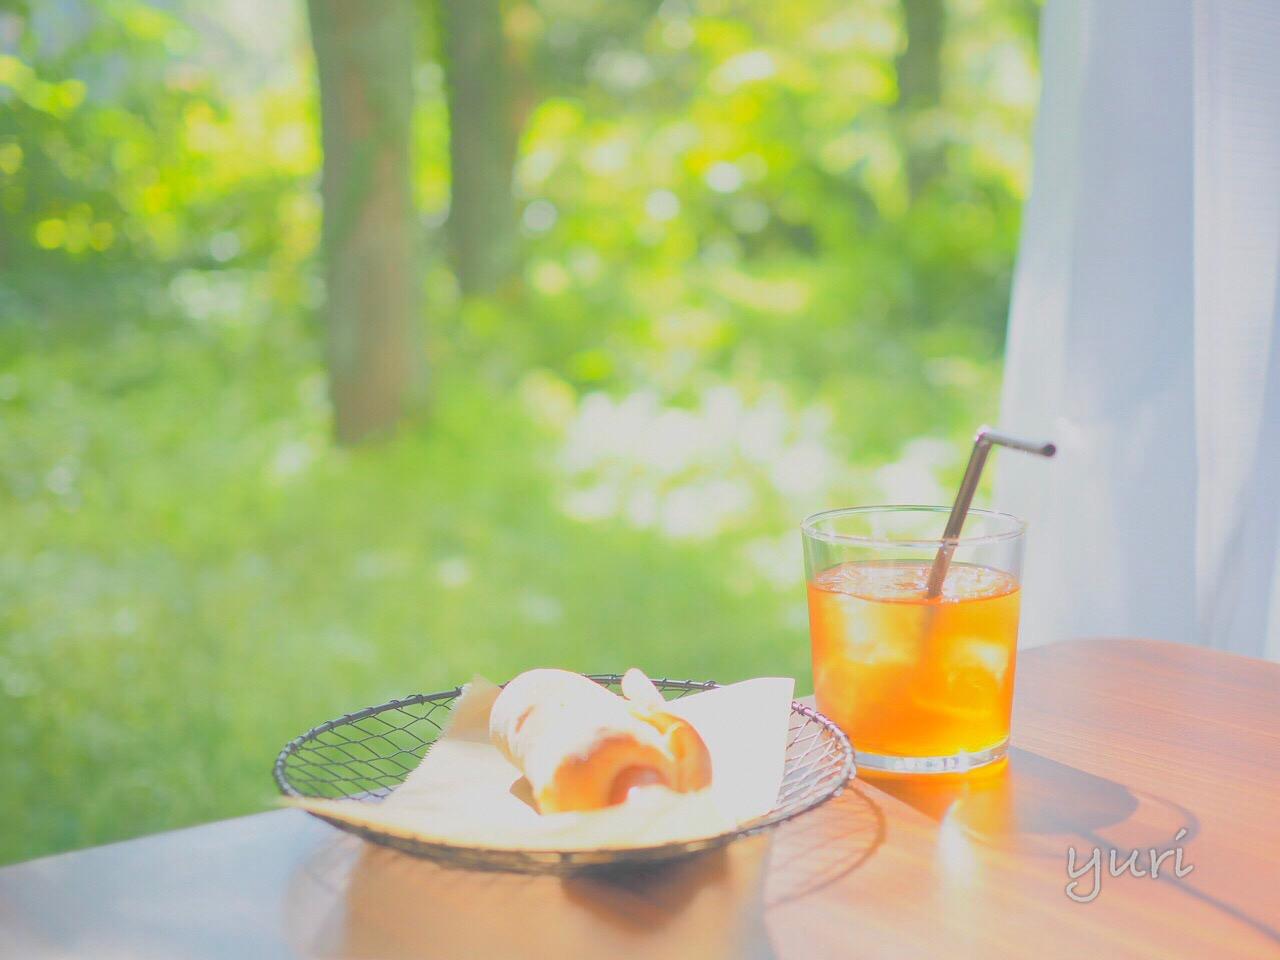 都会の真ん中なのに森の中!?パンとエスプレッソと 京町堀に行ってきた話